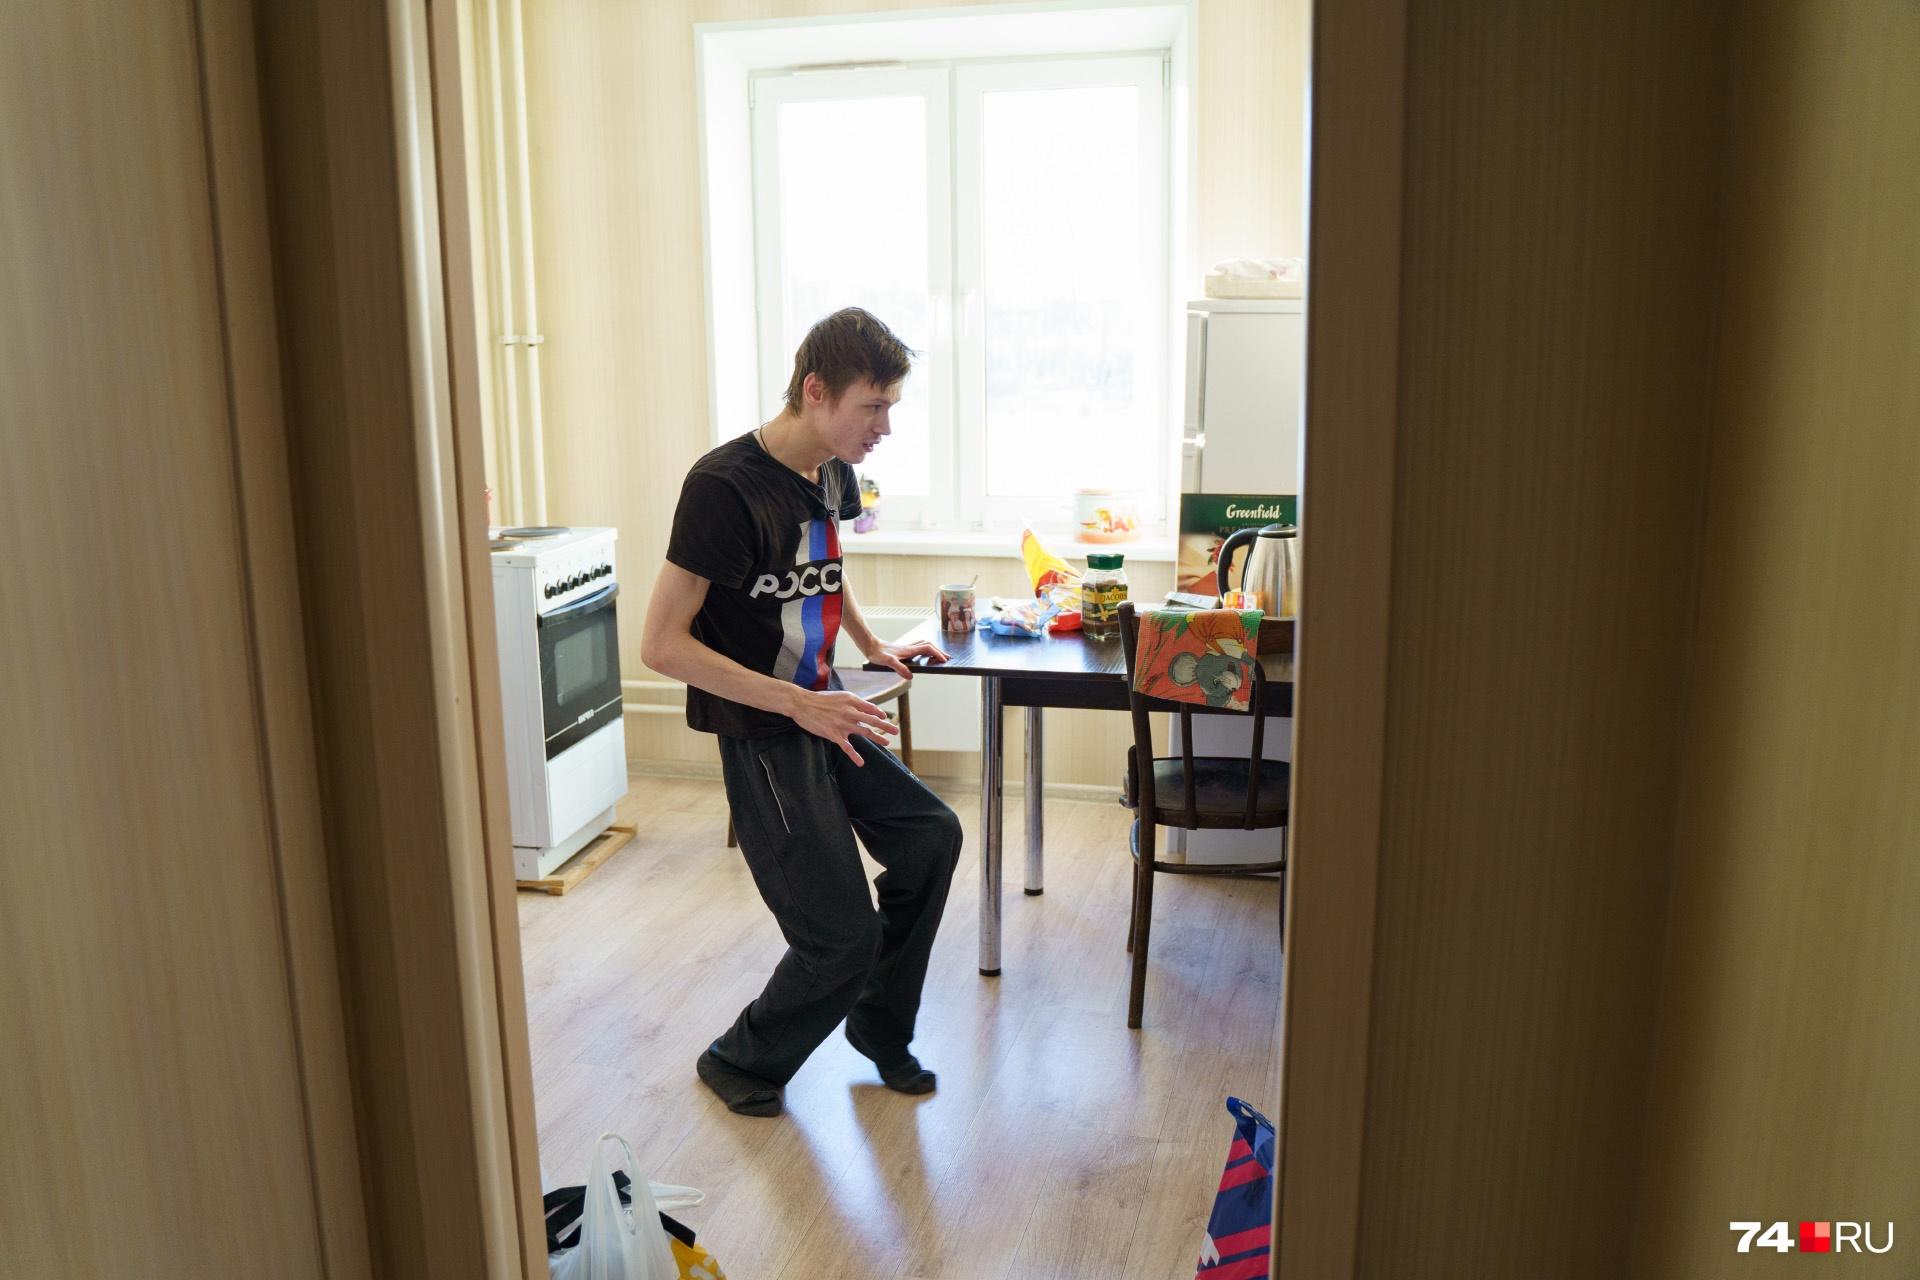 Олег с трудом передвигается по квартире, но всю работу по дому выполняет сам: моет посуду, убирается, готовит что-то несложное — почистить картошку уже непосильная задача<br>